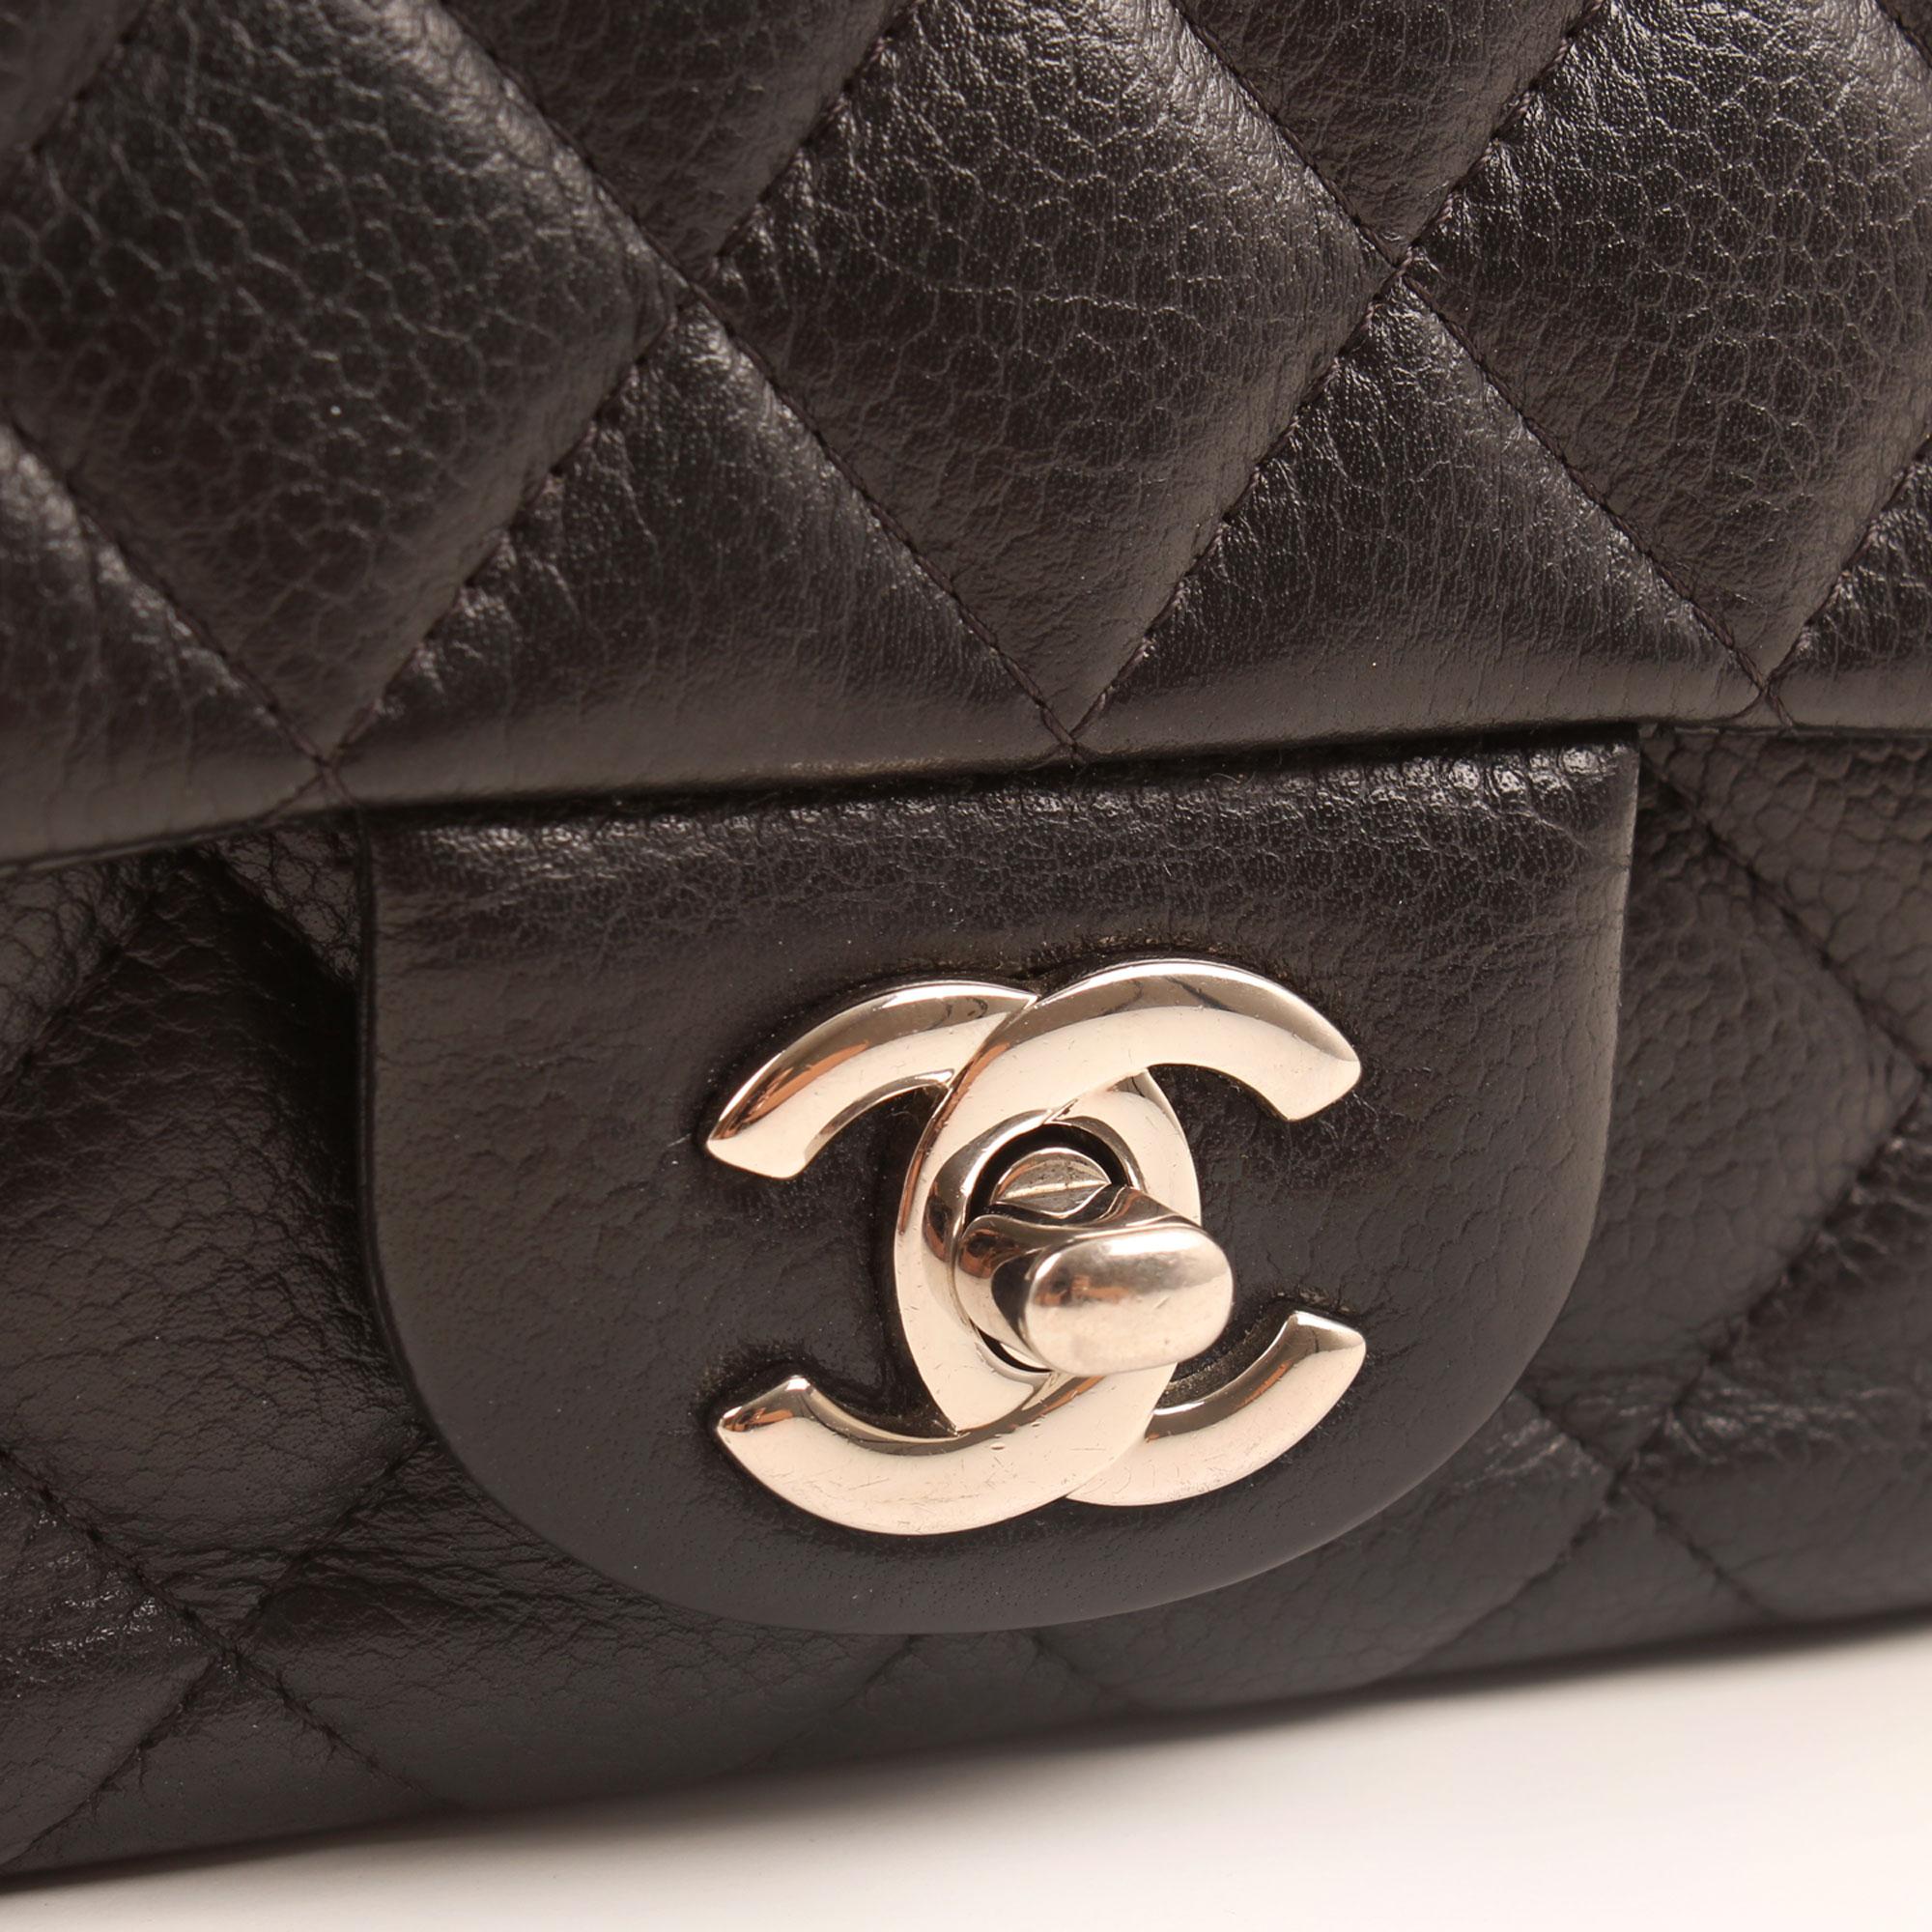 Imagen del cierre CC del bolso chanel mini timeless negro caviar